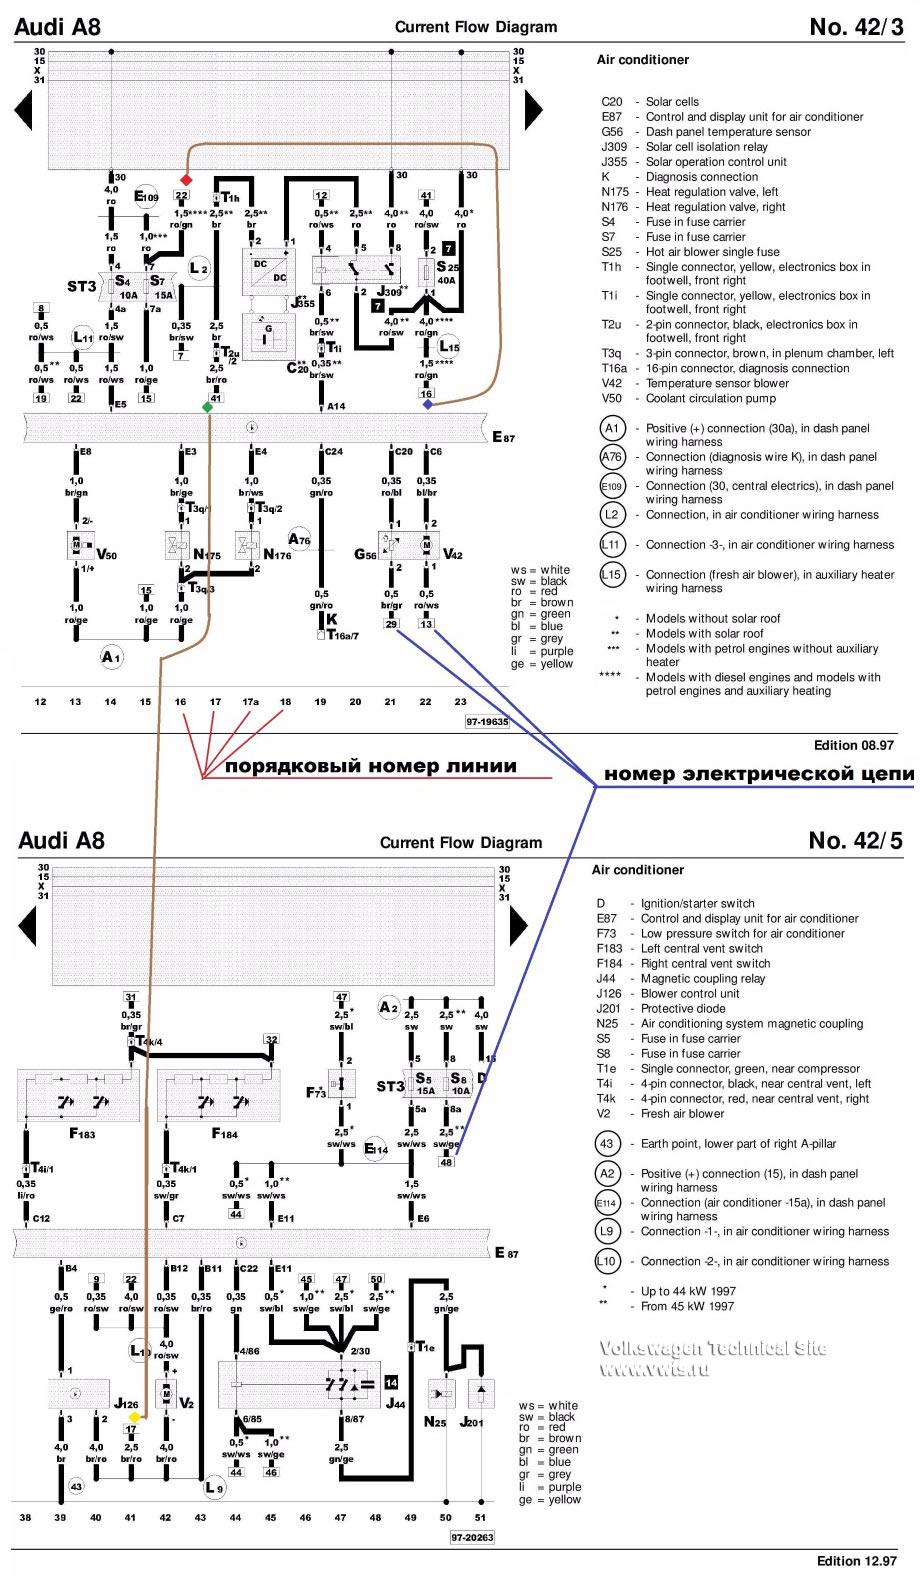 Как читать электросхемы VW, Audi, Skoda